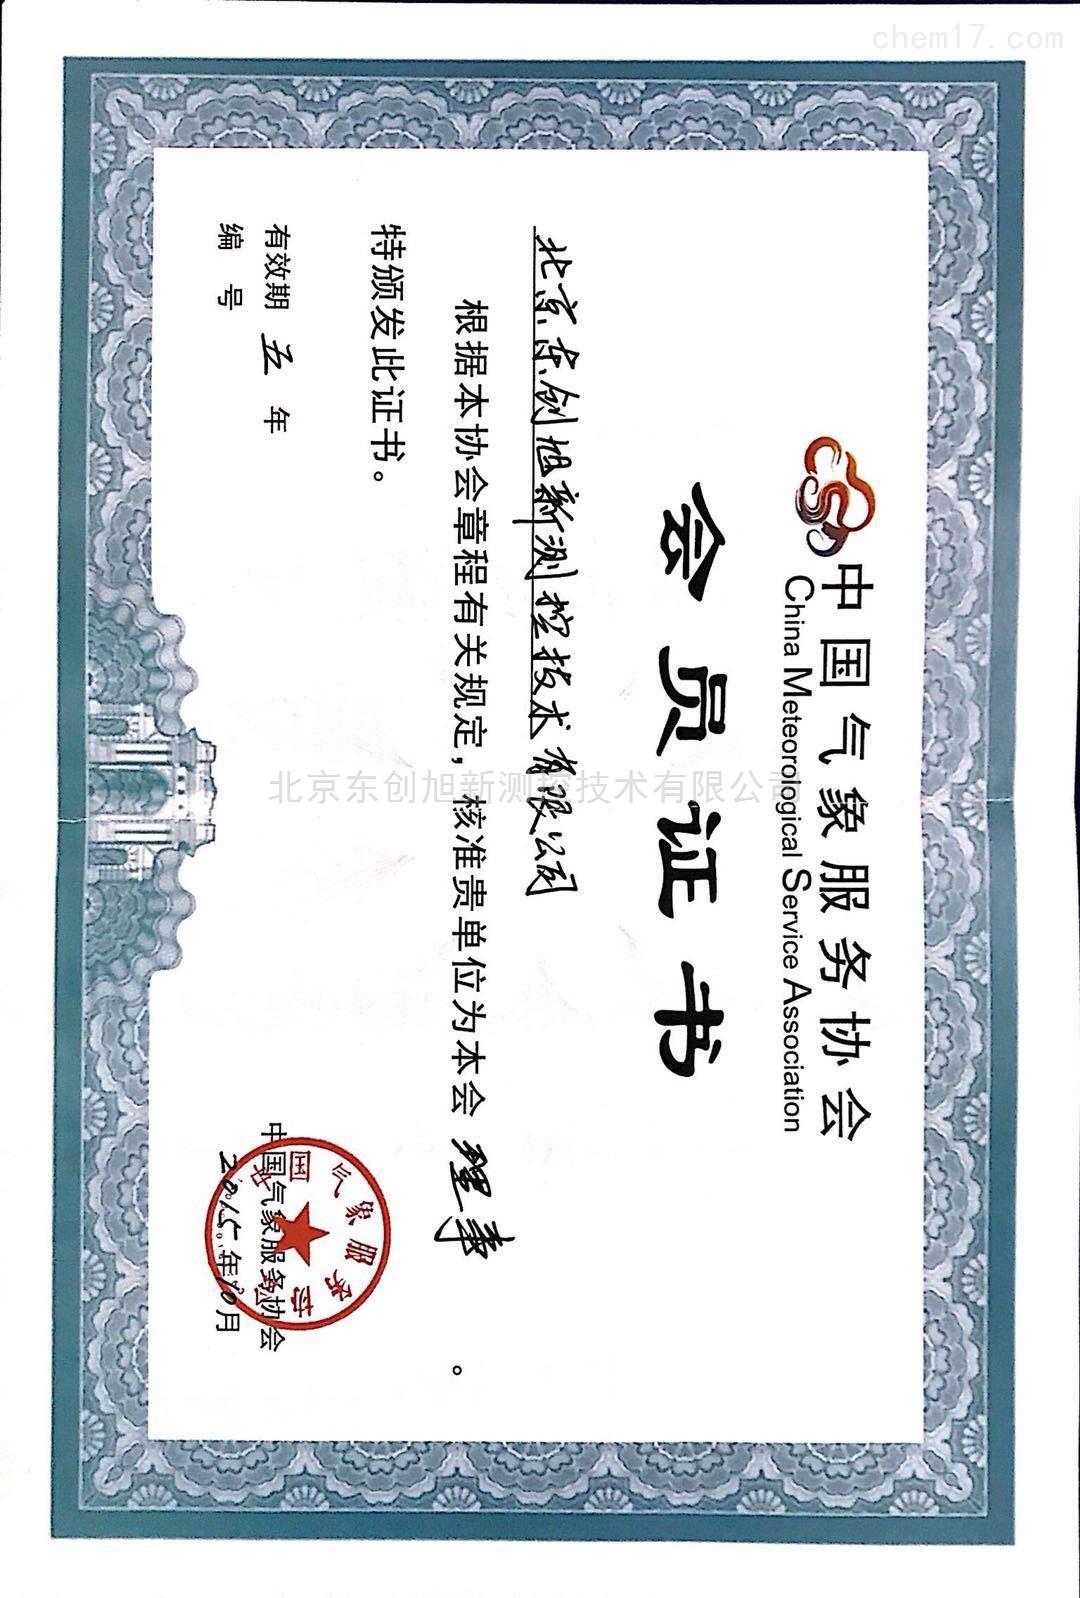 中国气象服务协会会员证书